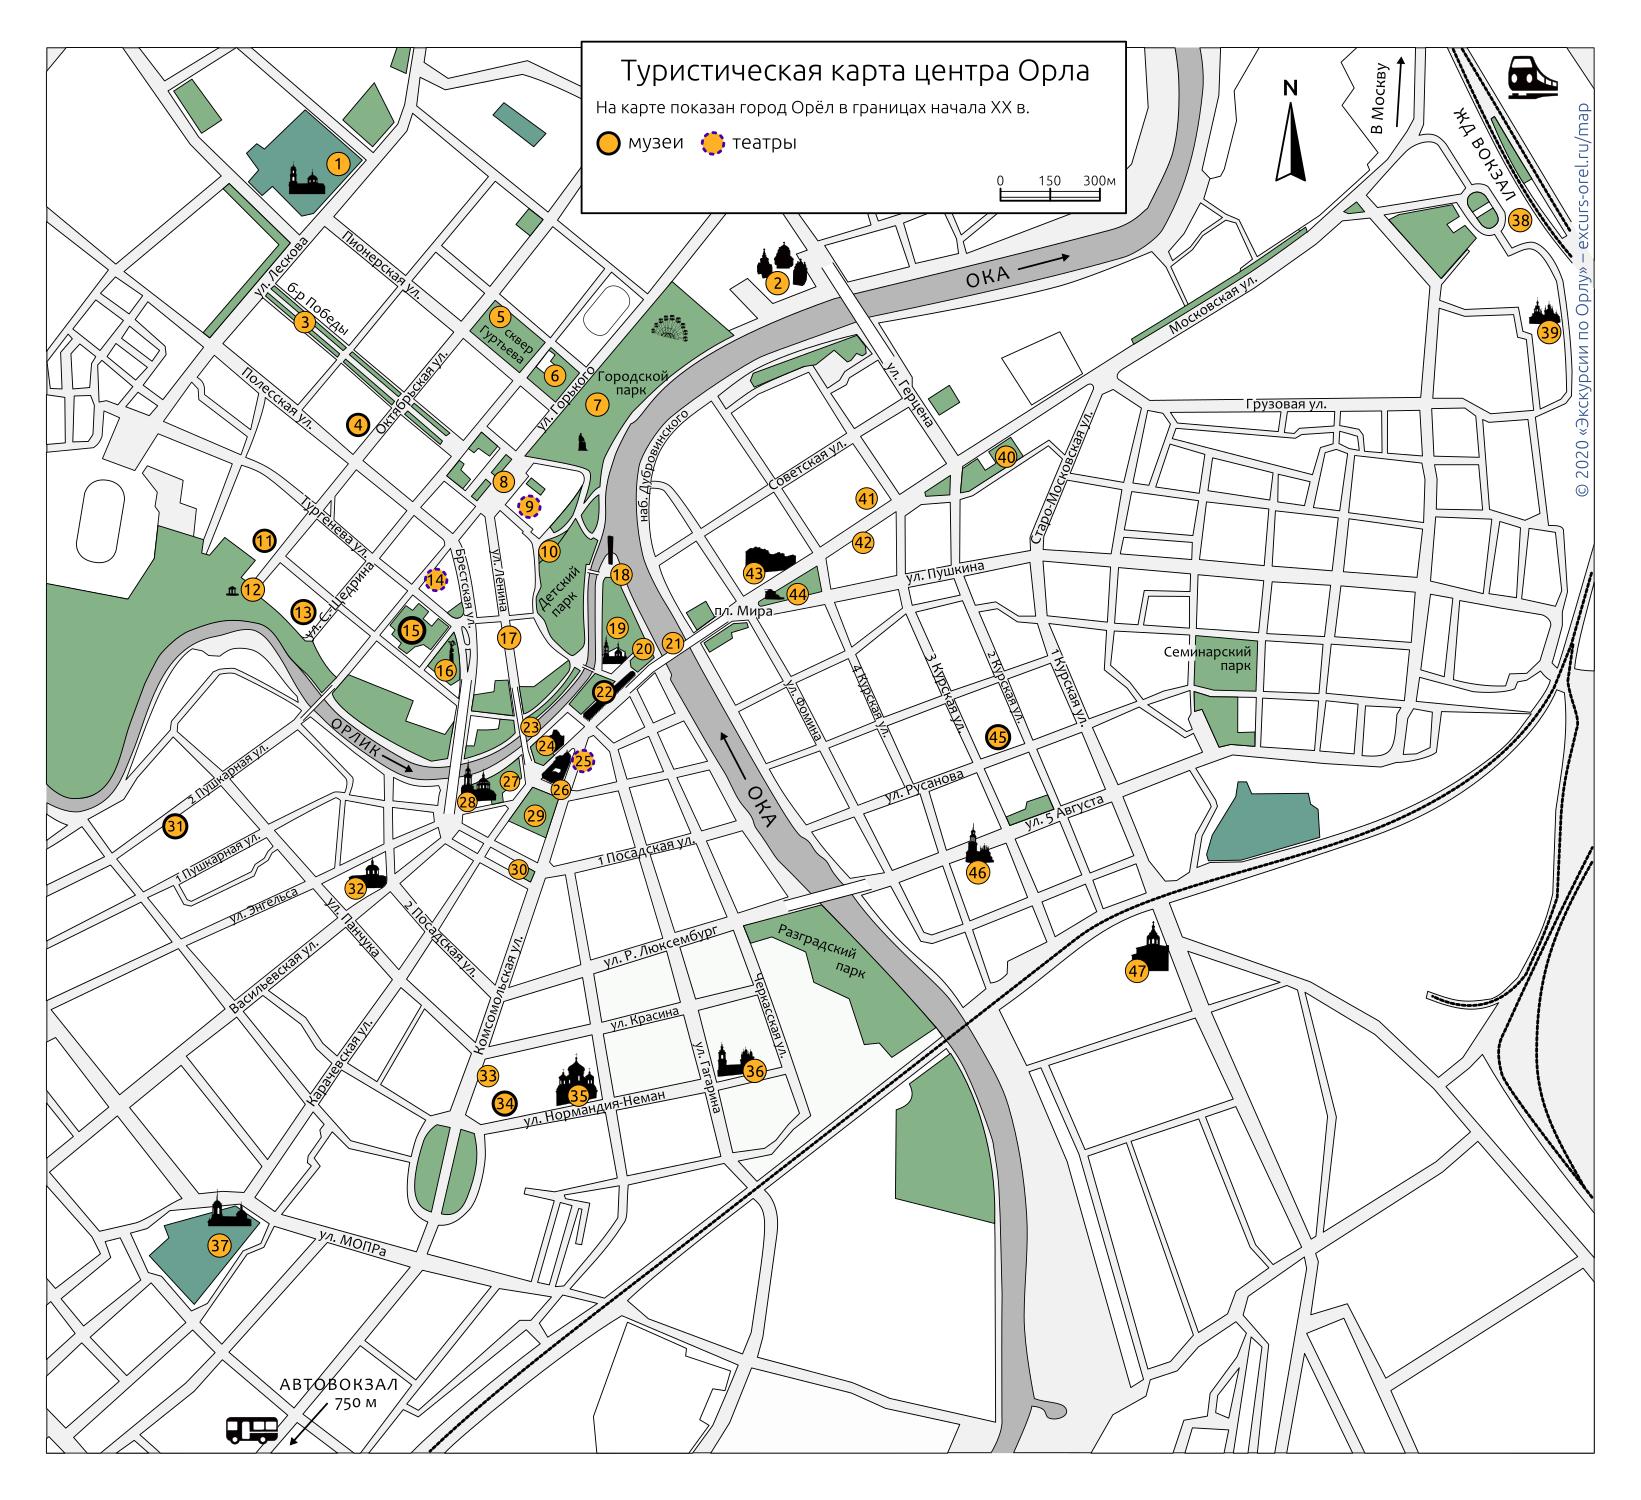 Карта города Орла в границах начала 20 века с изображениями зданий и памятников.